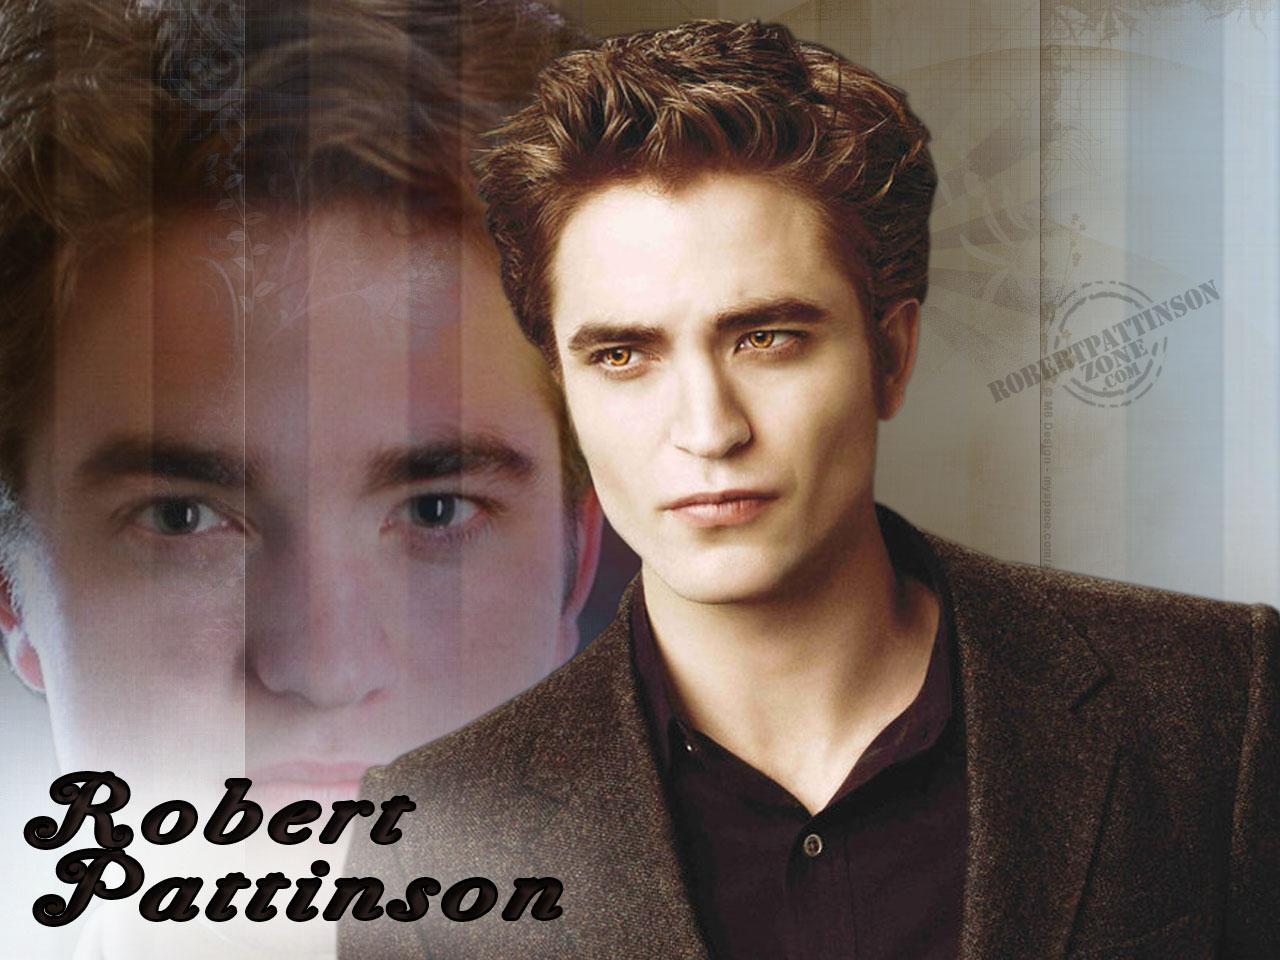 http://1.bp.blogspot.com/-iu6miip4PC4/T57_pPc6CEI/AAAAAAAACRY/DZ2Jam1gHug/s1600/Robert+Pattinson+wallpapers+7.jpg